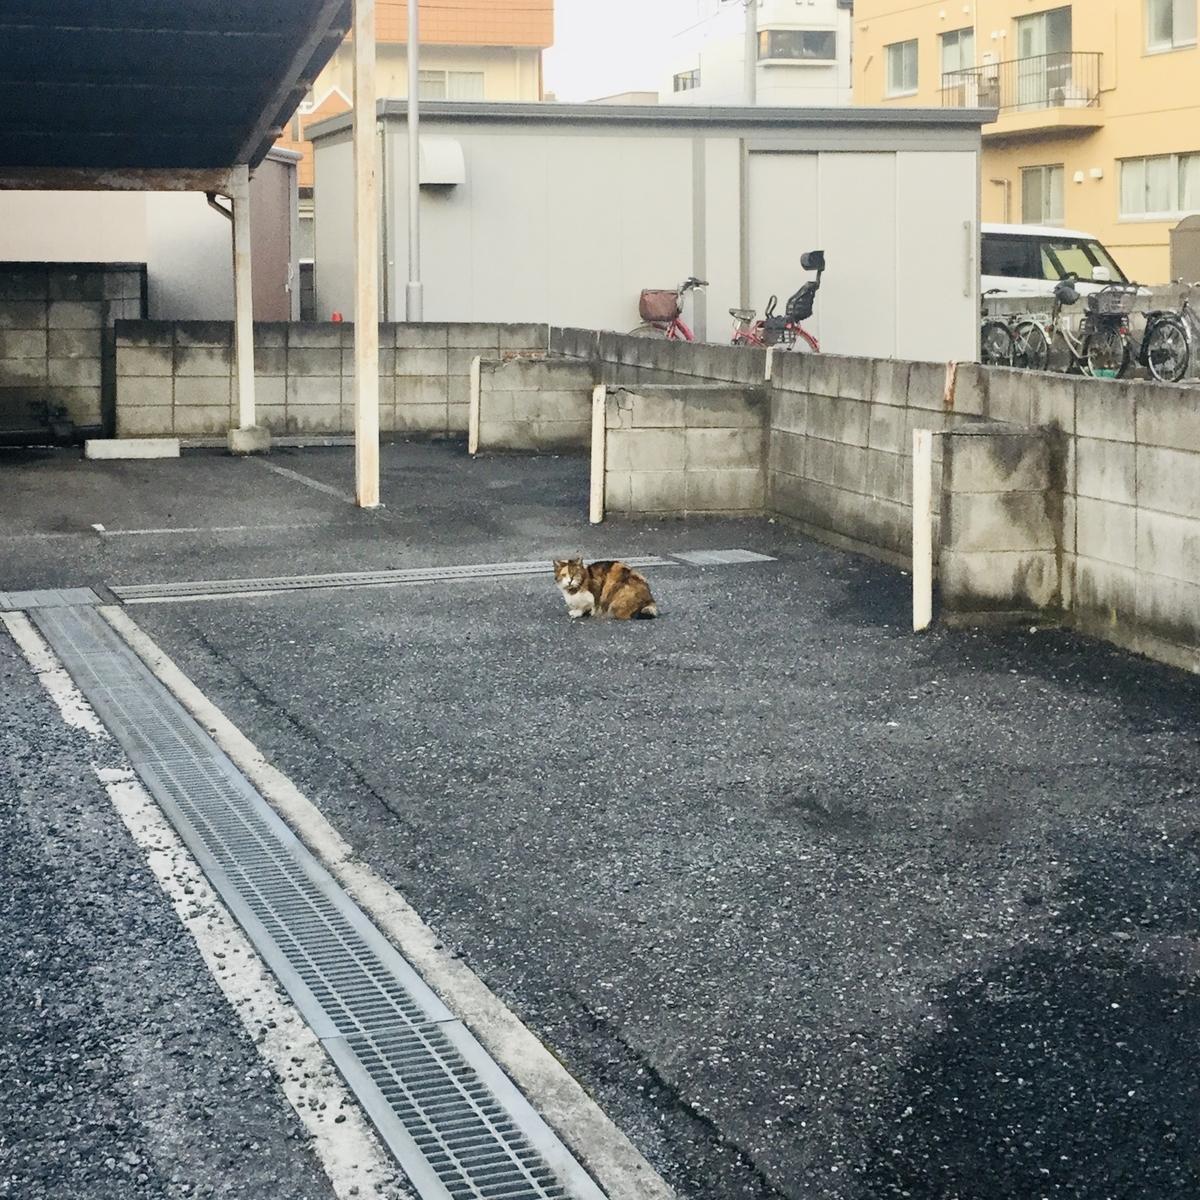 f:id:yumeusagiyukiusagi:20200214072717j:plain